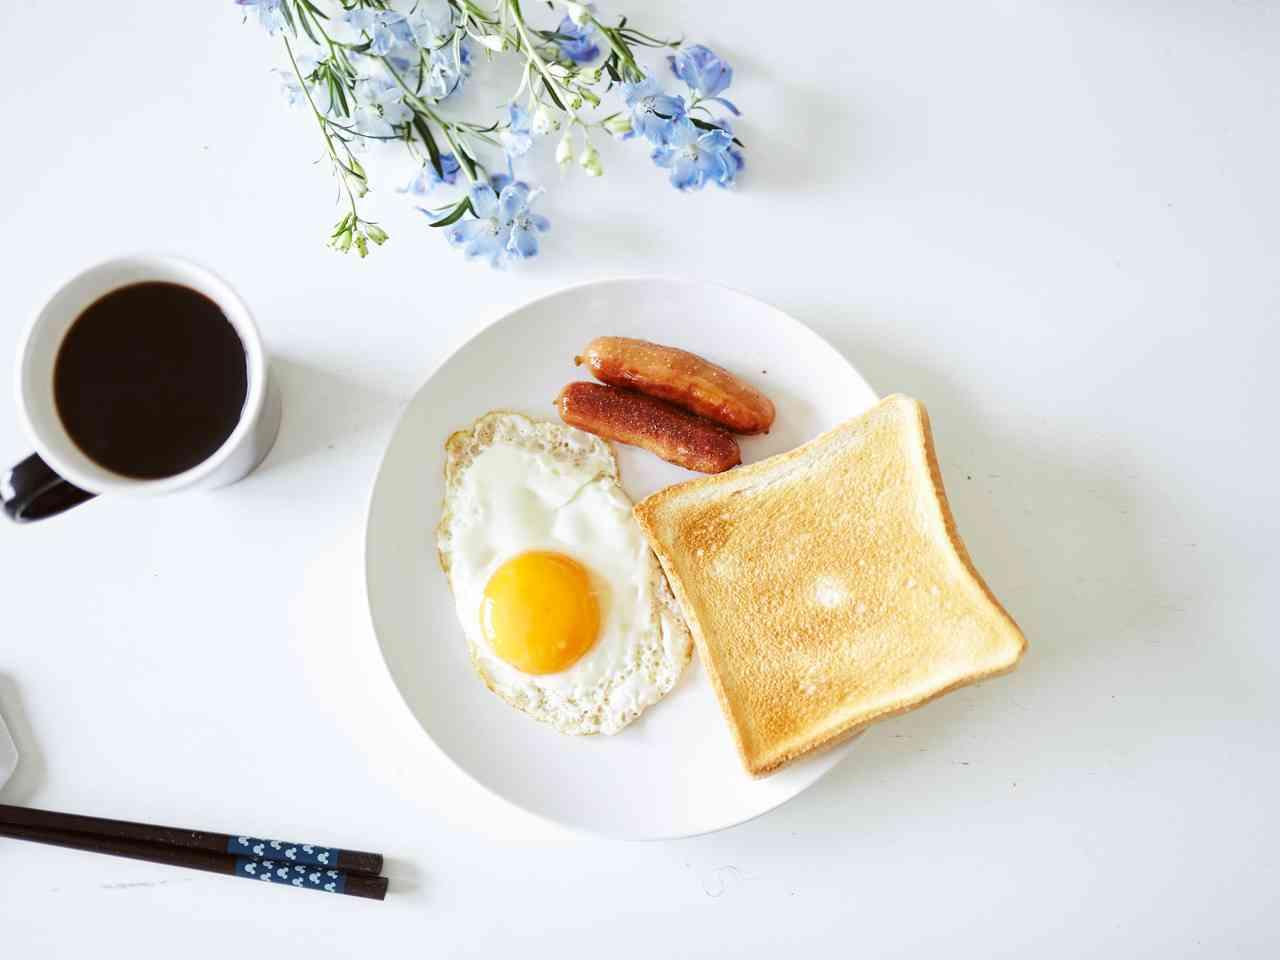 朝食に欠かせないものは何ですか?